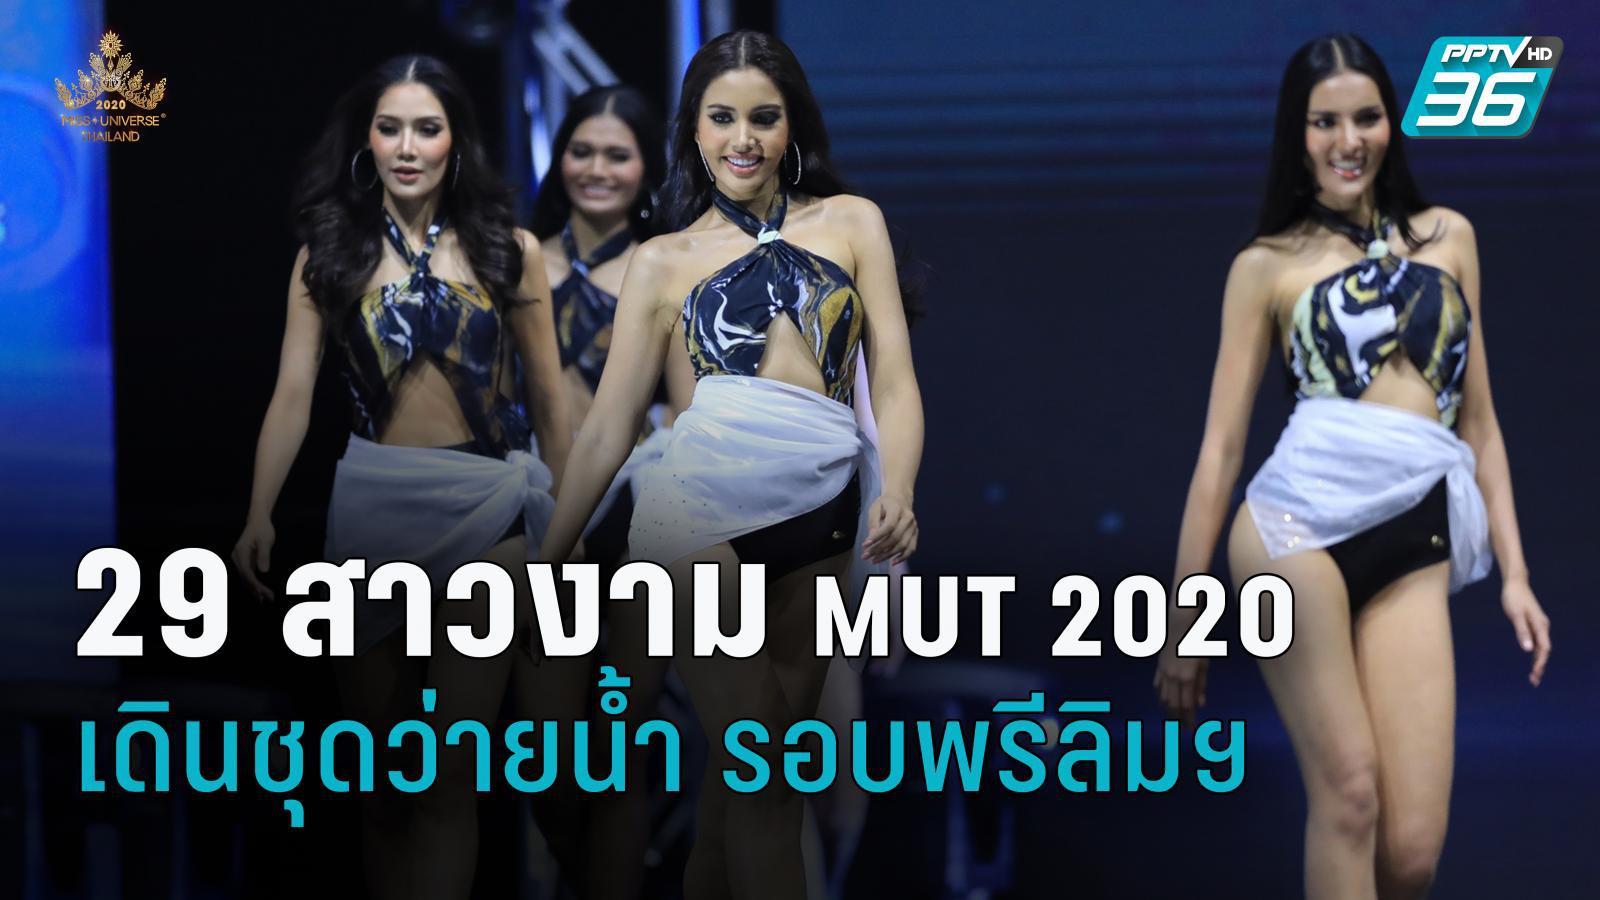 สวยแซ่บ! 29 สาวงาม Miss UniverseThailand 2020 เดินชุดว่ายน้ำ รอบพรีลิมฯ